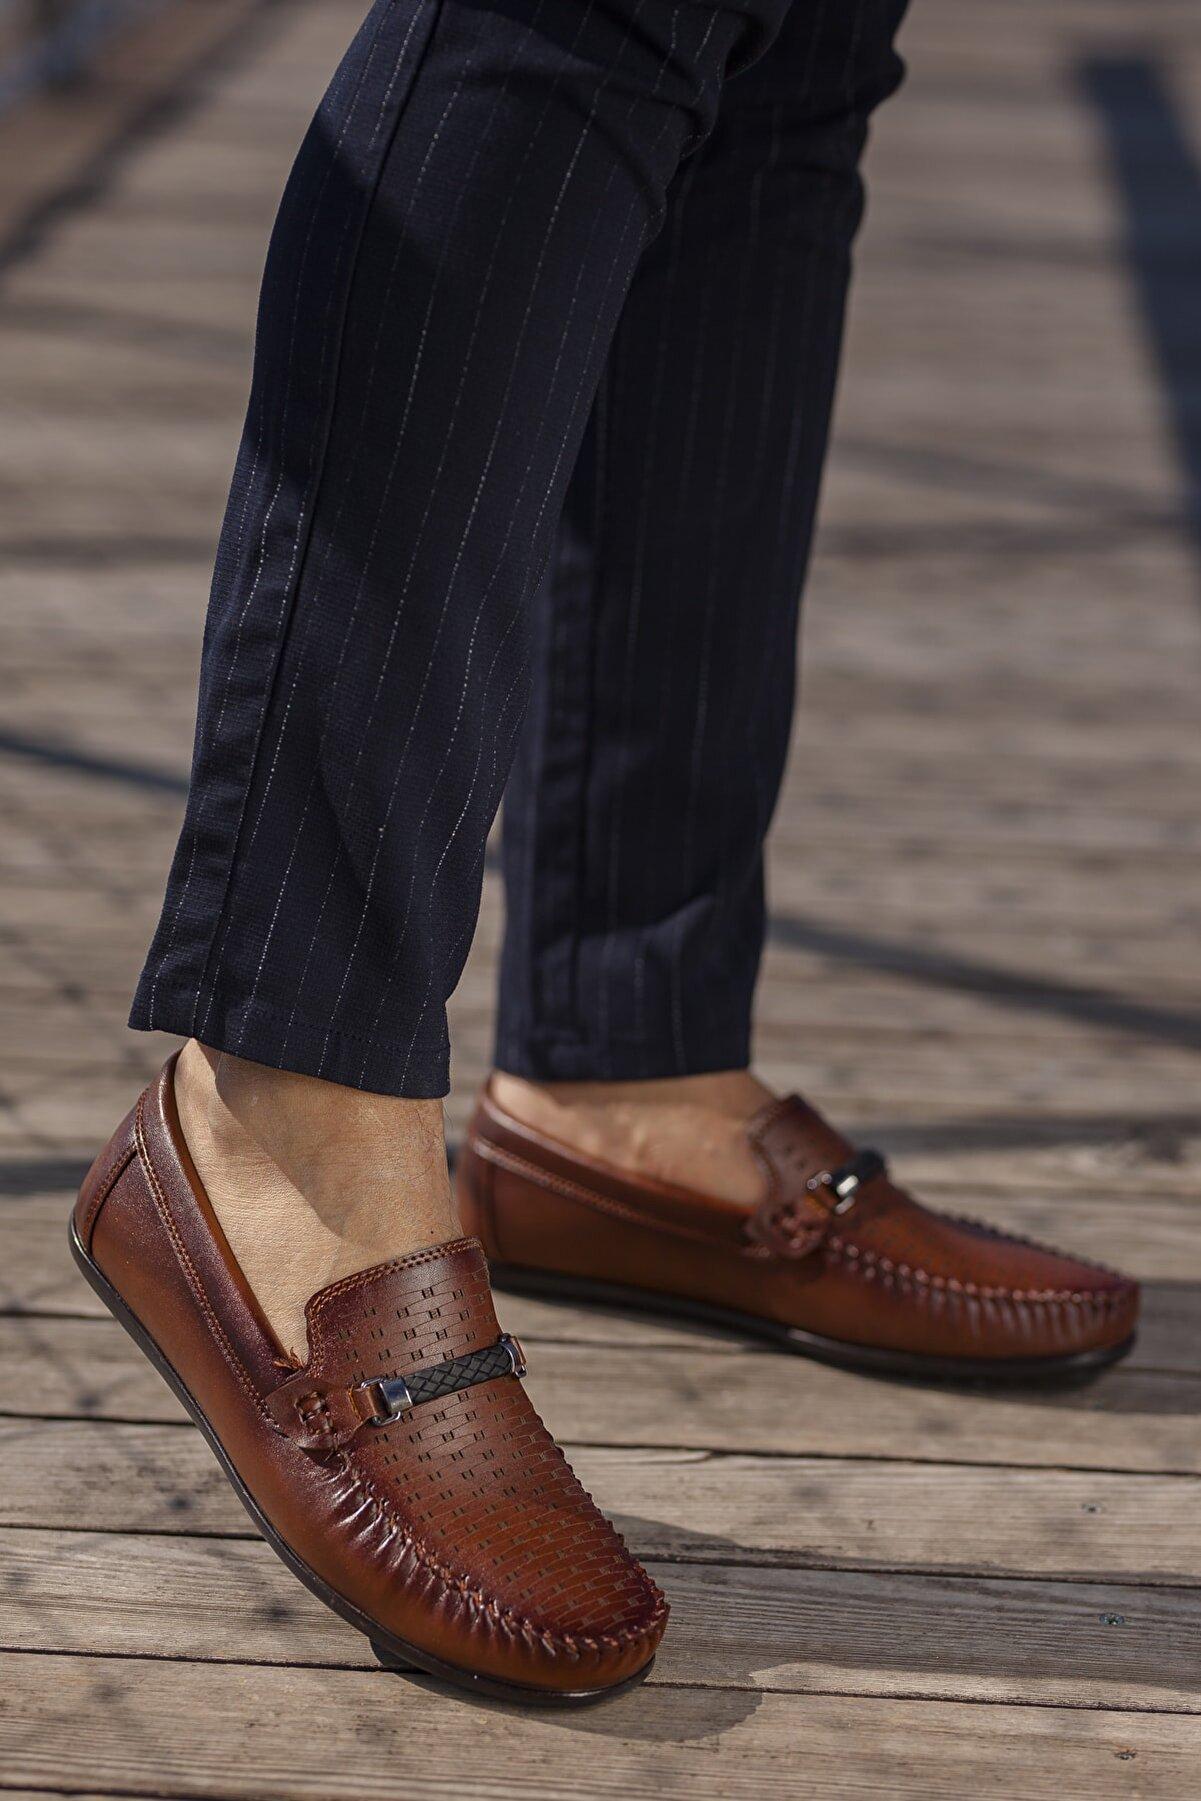 Daxtors D016 Günlük Ortopedik Baba Ayakkabısı